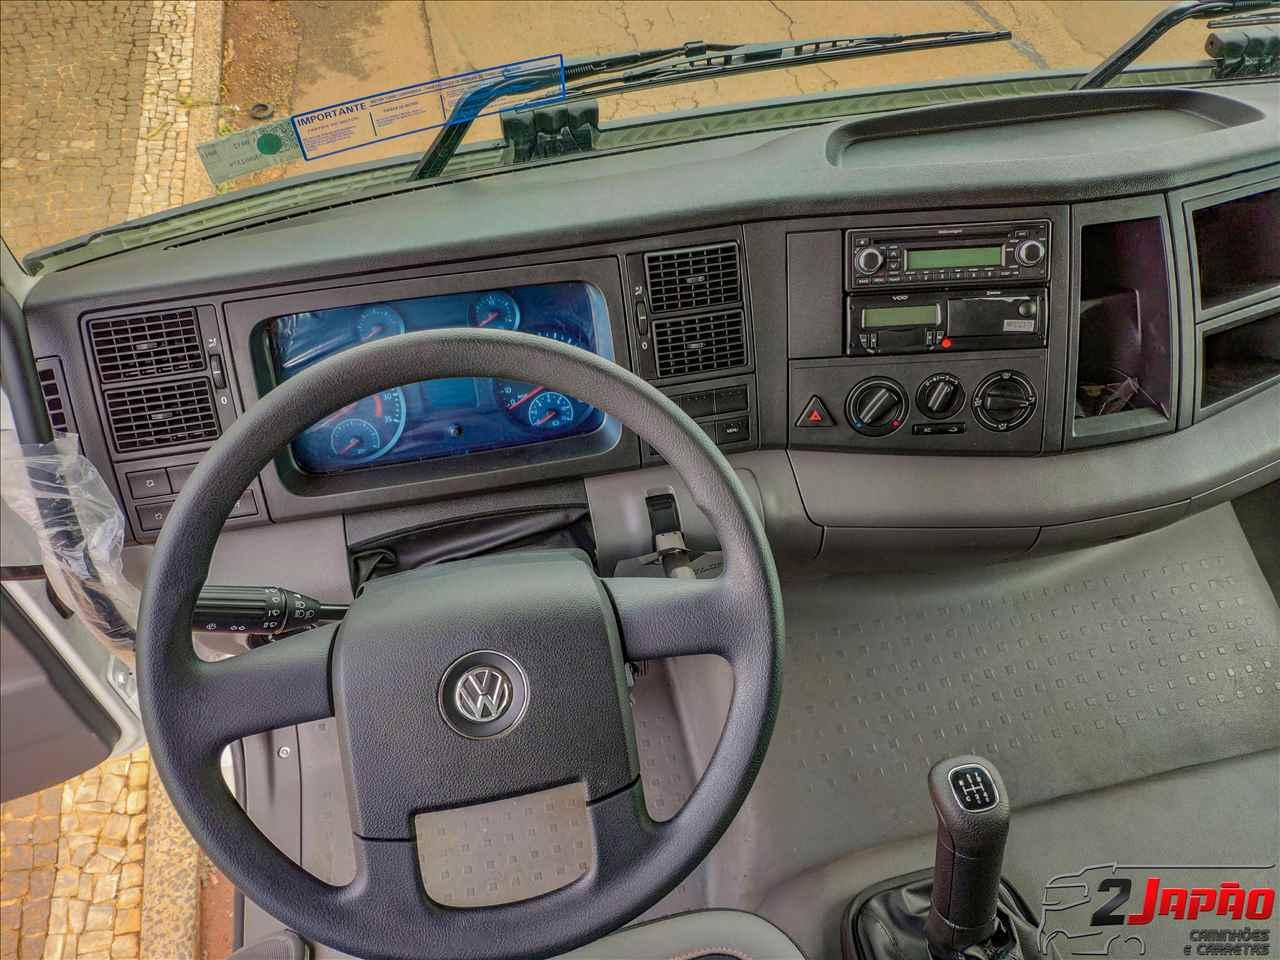 VOLKSWAGEN VW 24280 406km 2021/2022 2 Japão Caminhões e Carretas